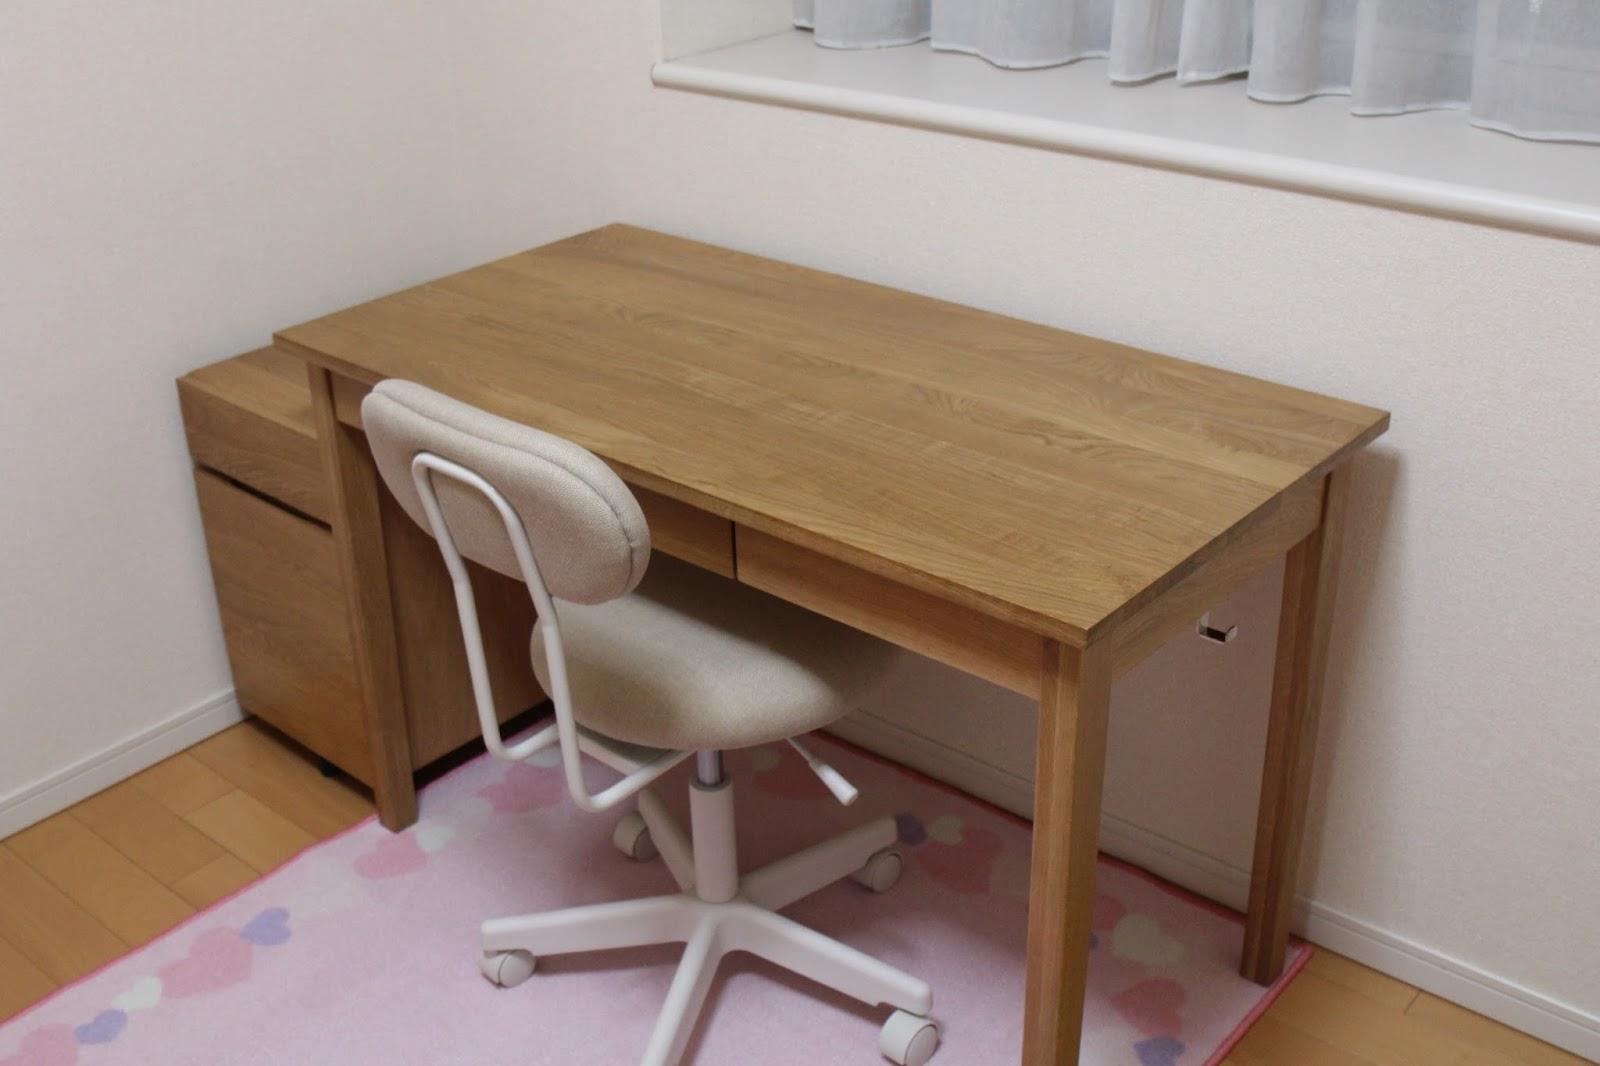 シンプルで長く使える学習机はこれ!無印良品の学習机はパイン材よりも